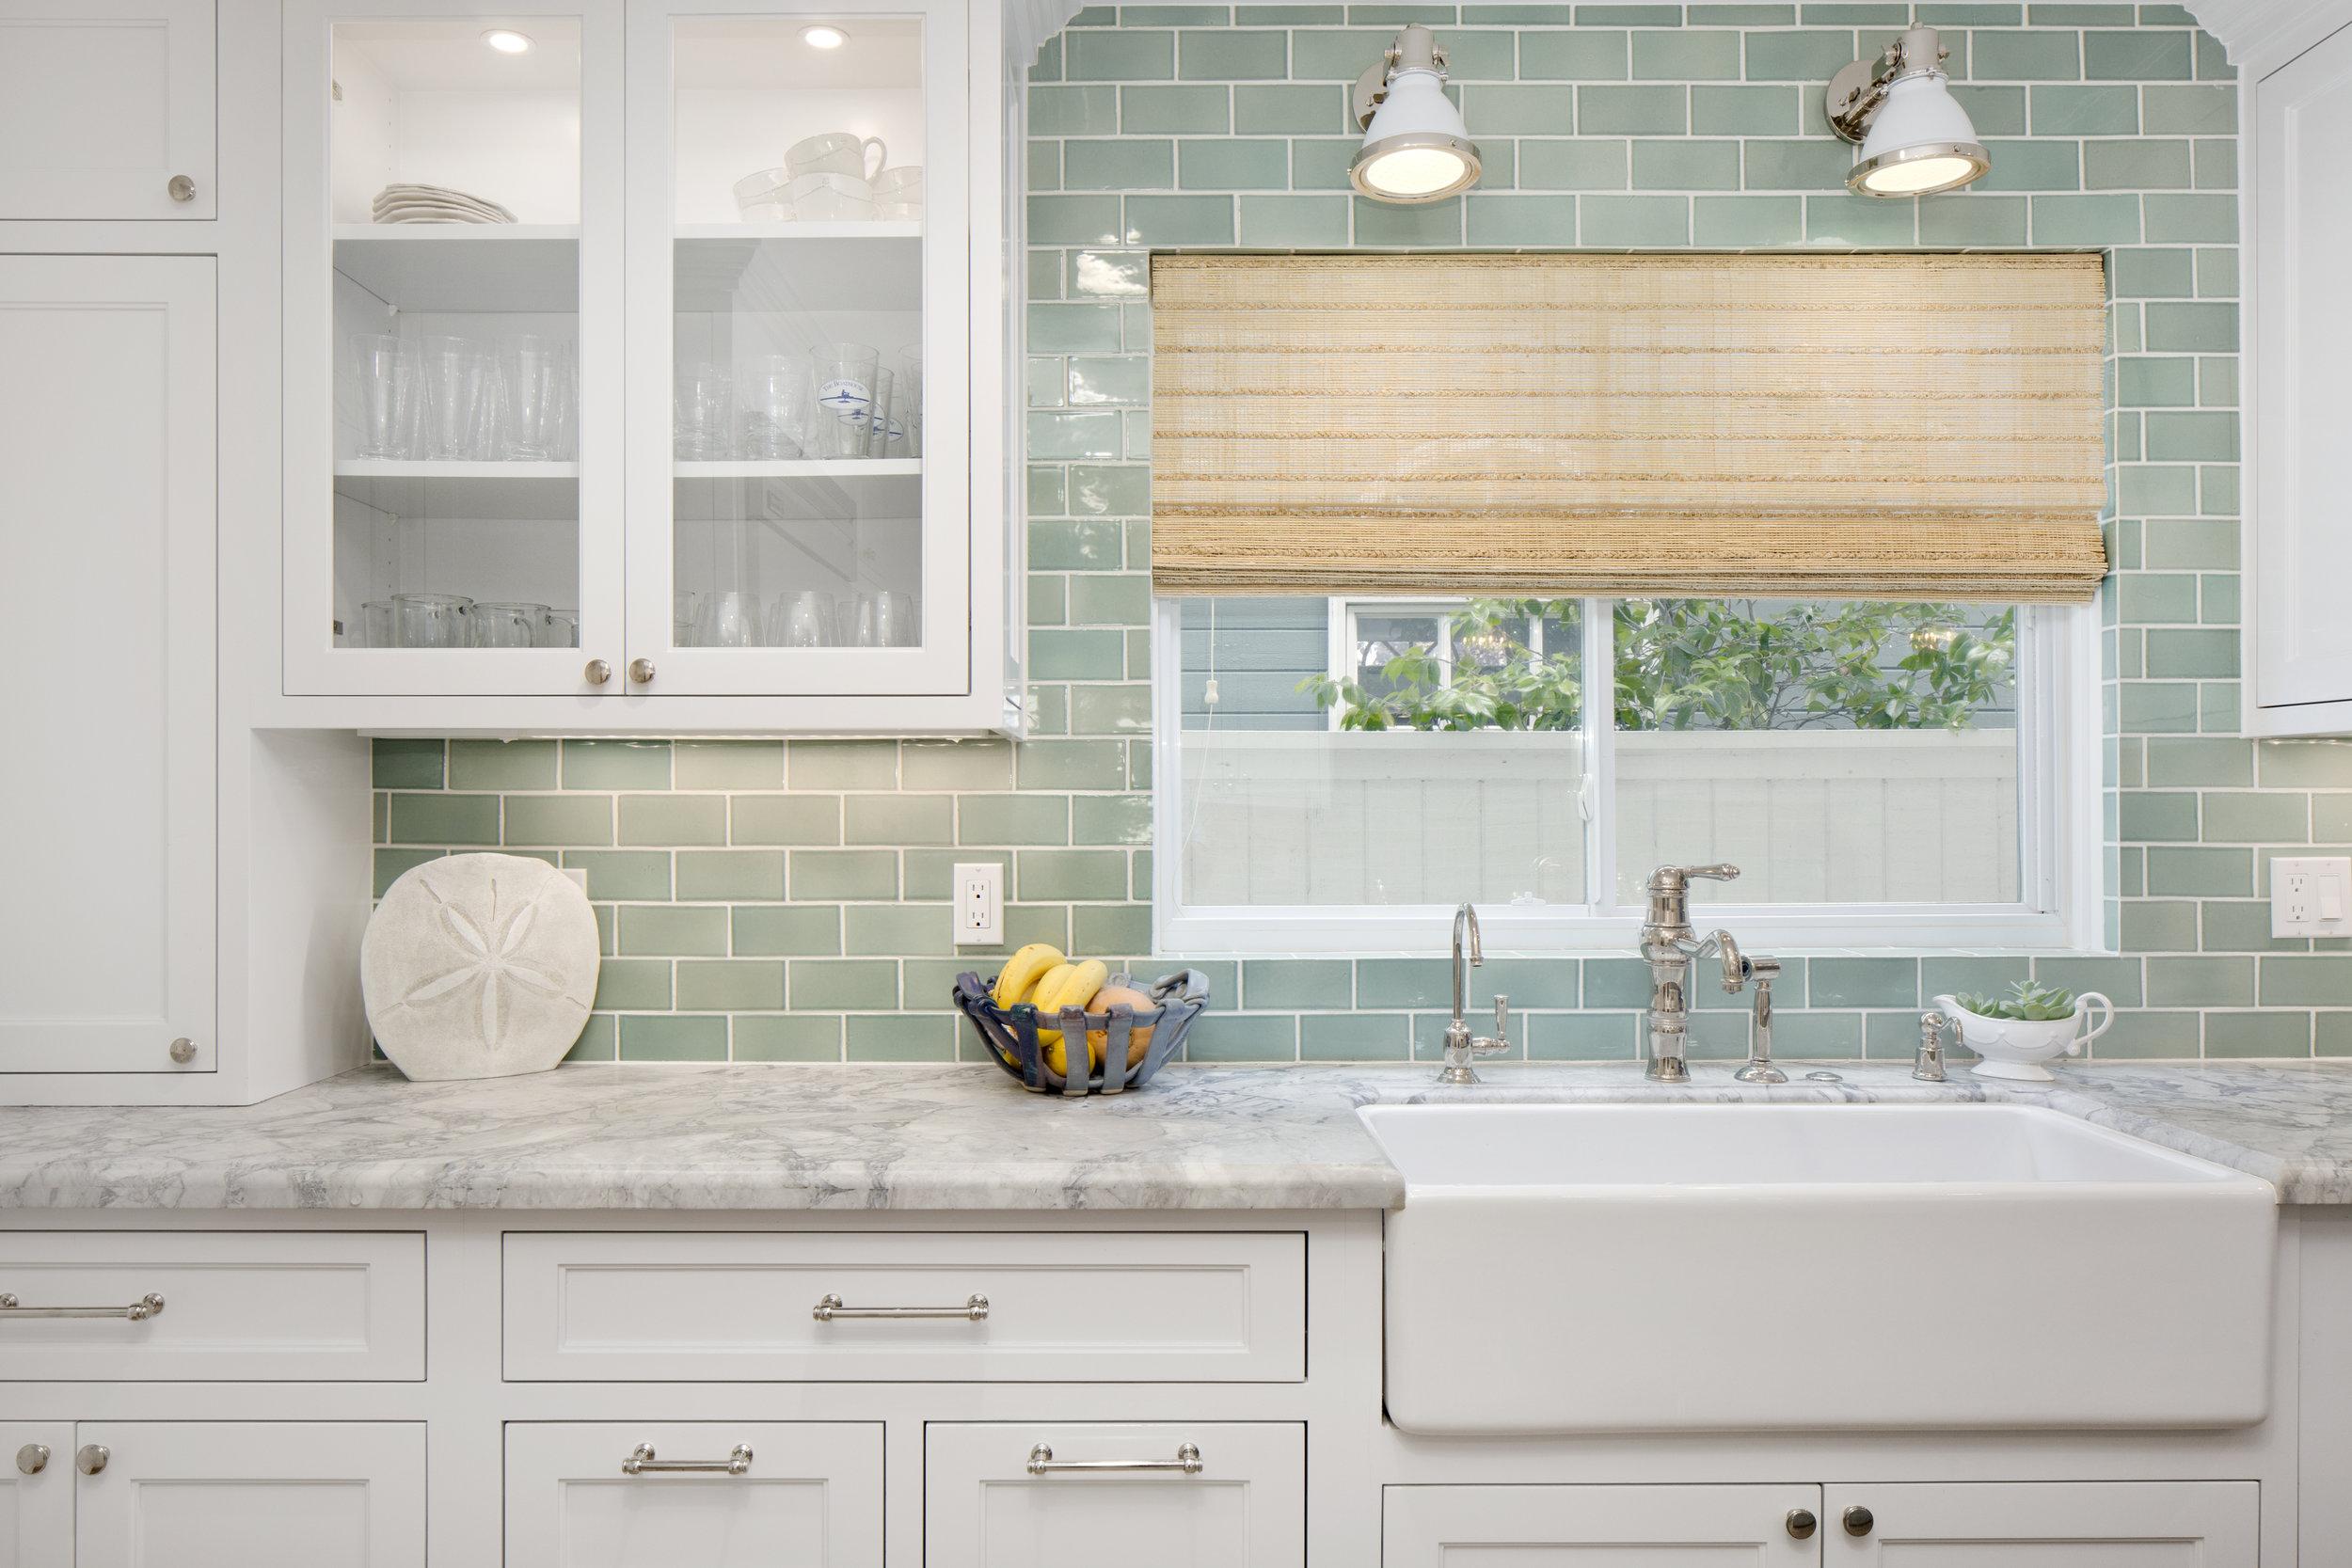 Kitchen - sink shot.jpg